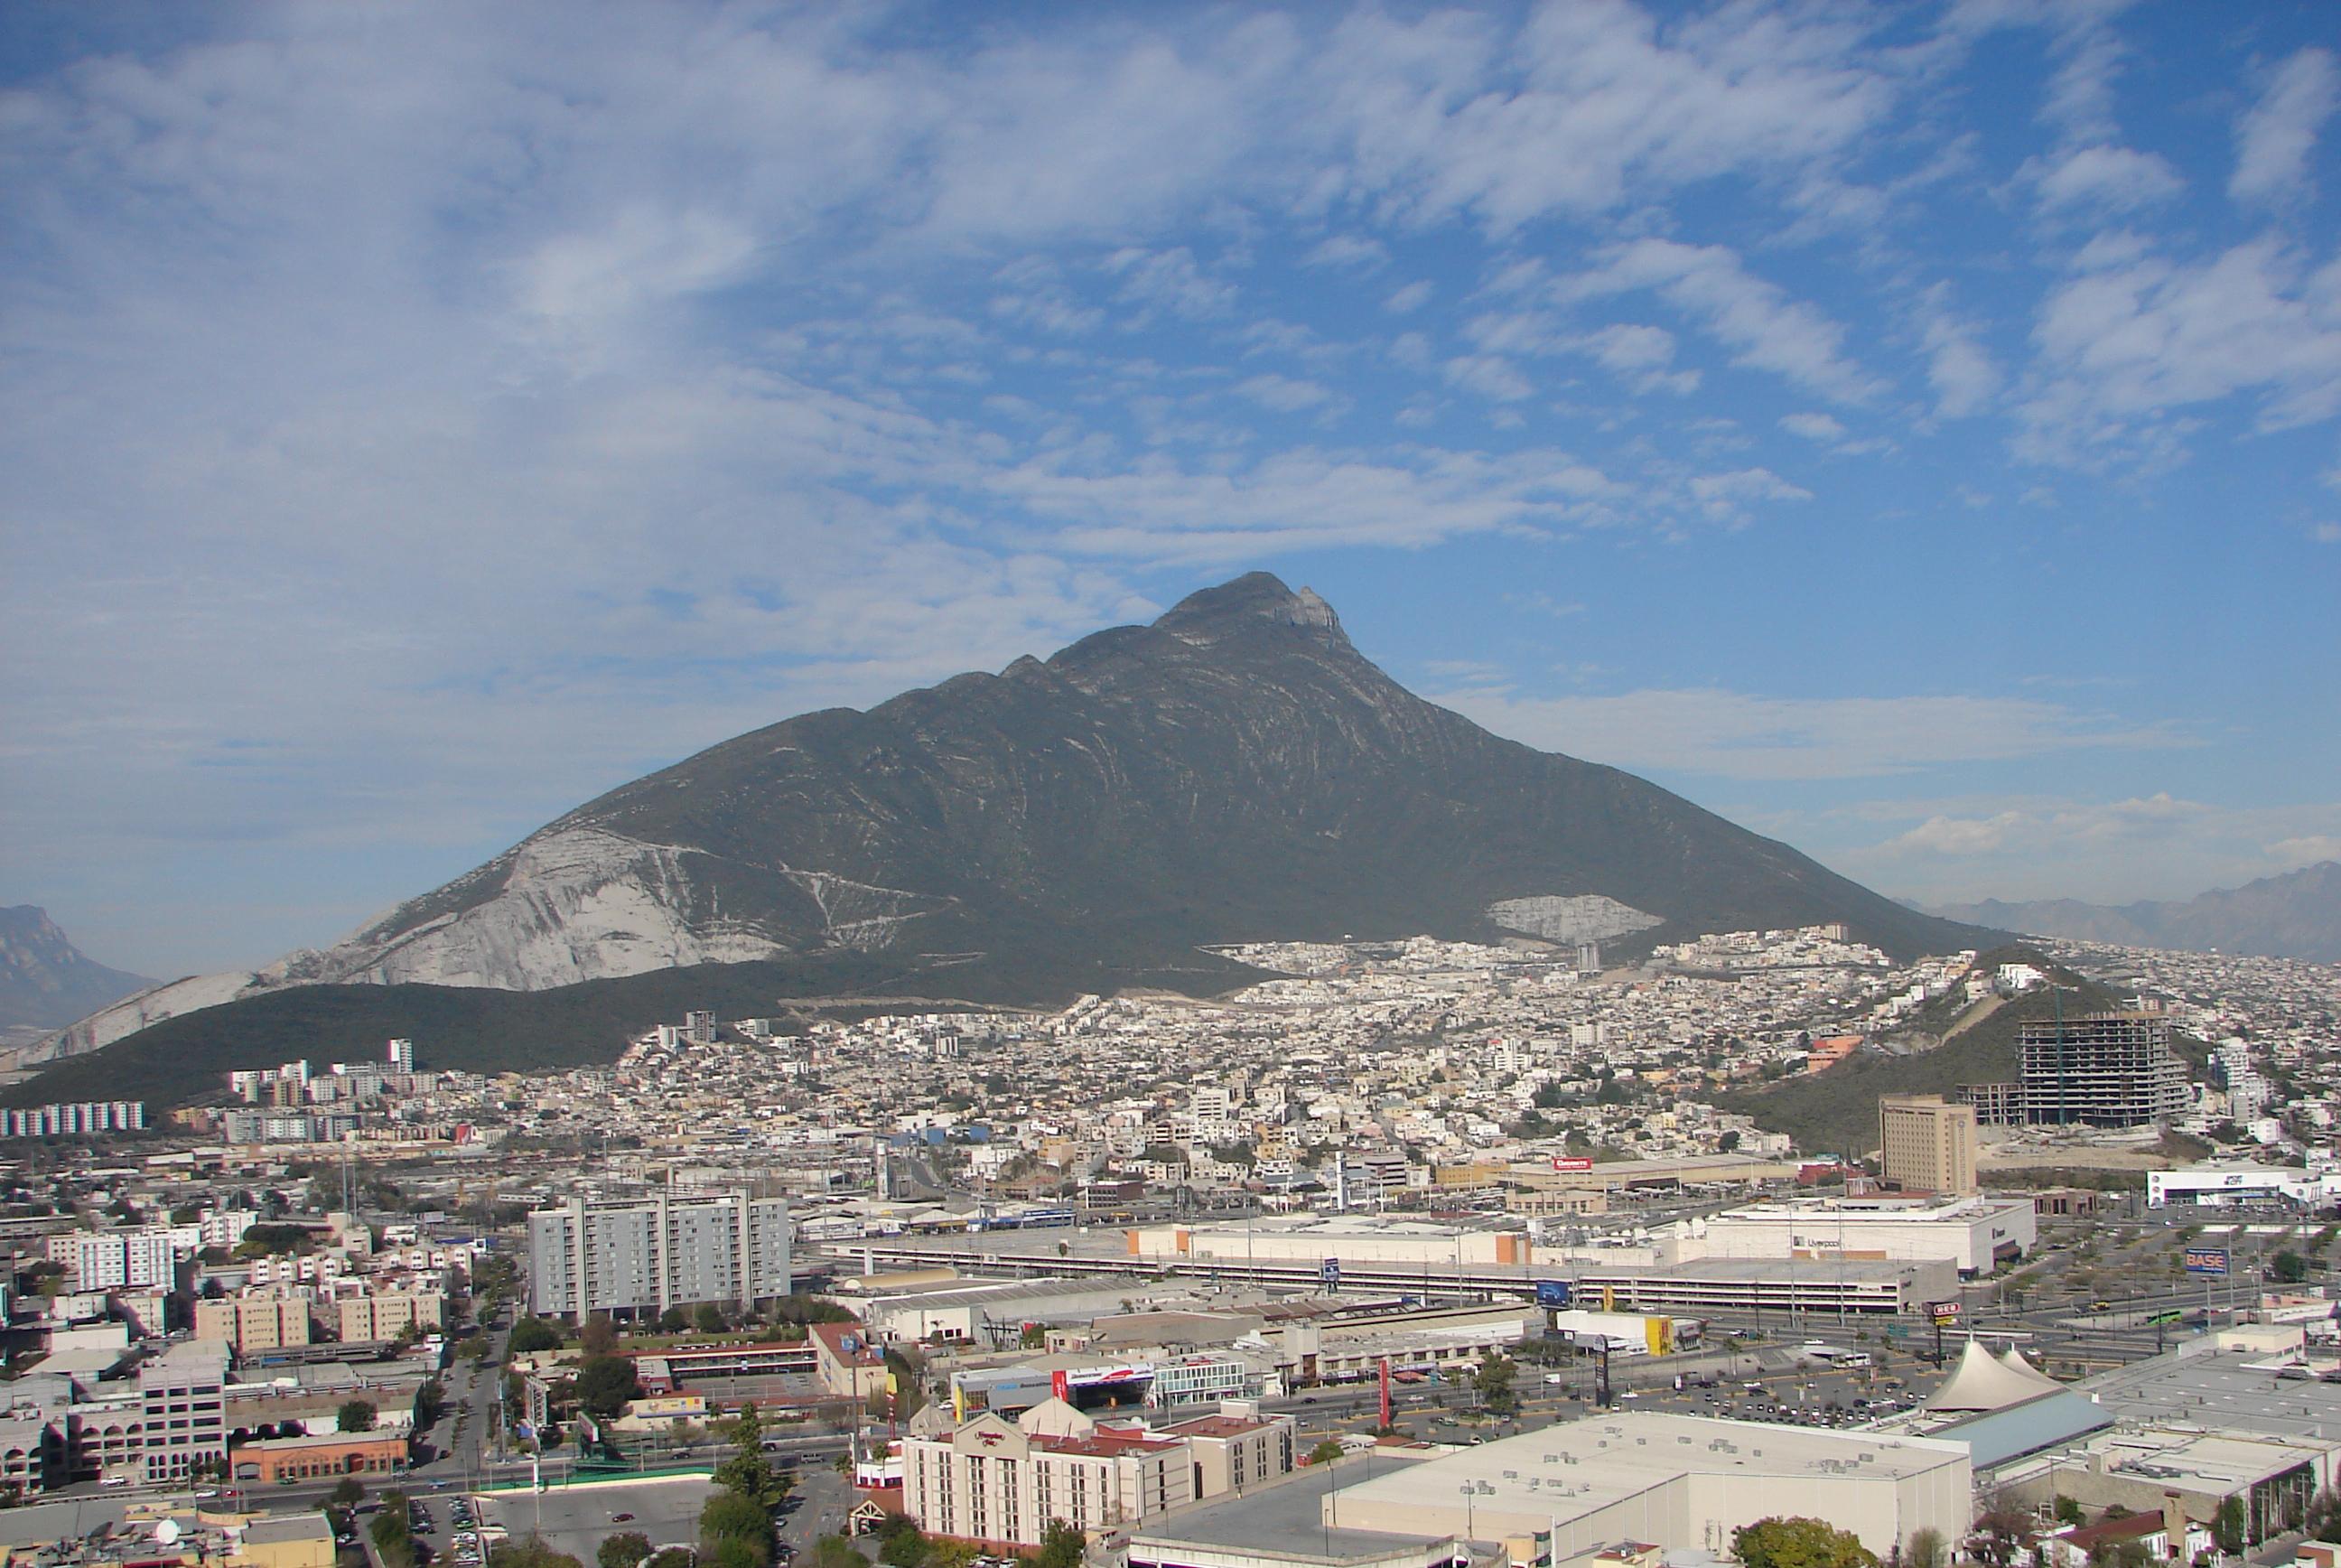 Monterrey Mexico  city images : Cerro de las mitras Monterrey Mexico 2 Wikipedia, the free ...